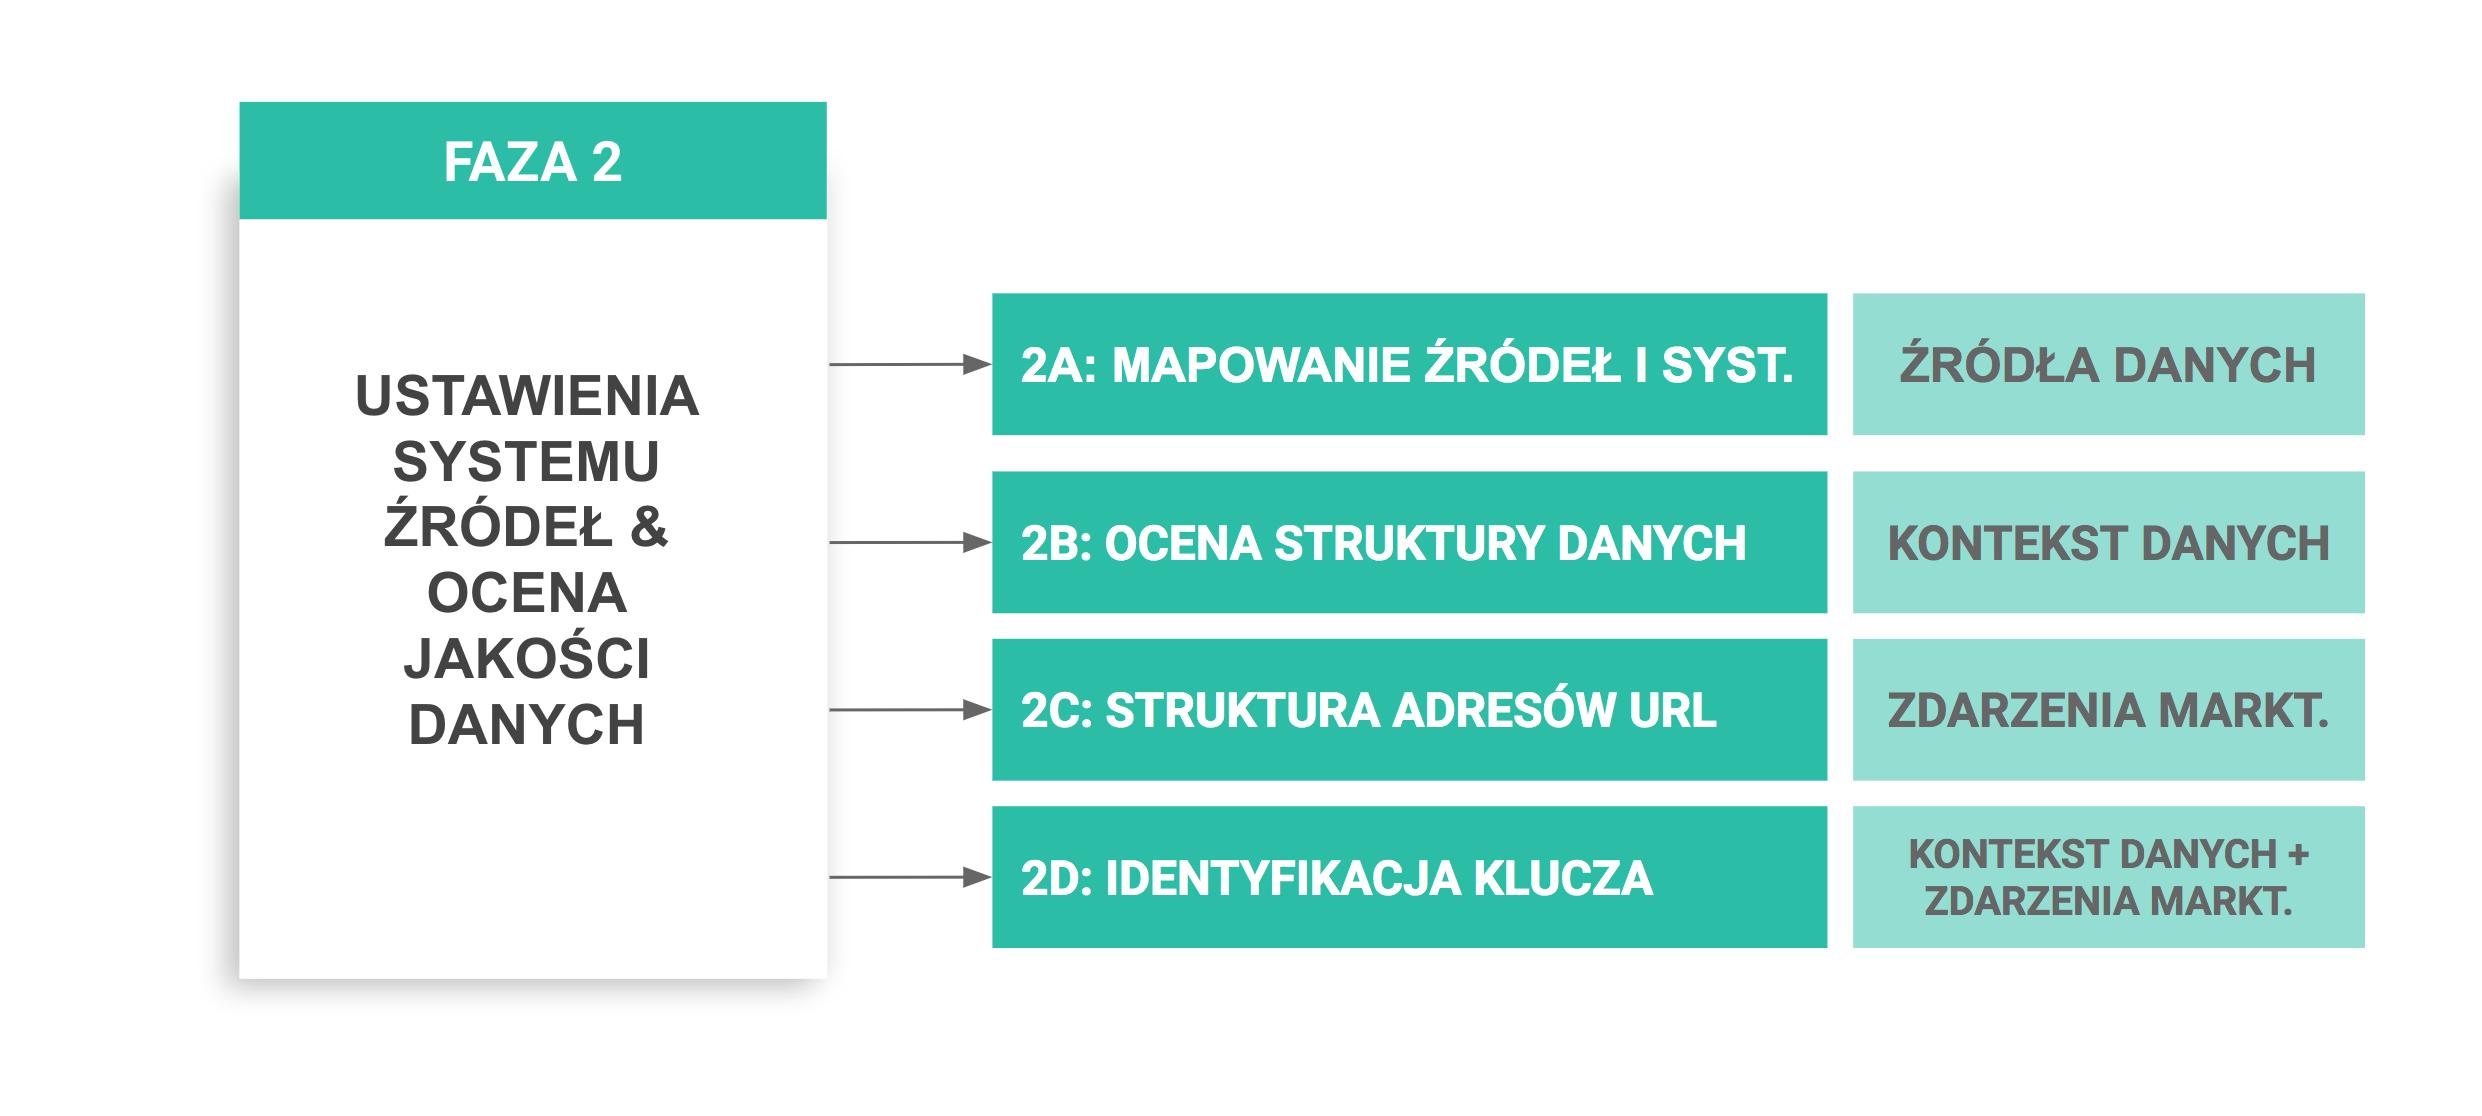 integracja-danych-faza-2